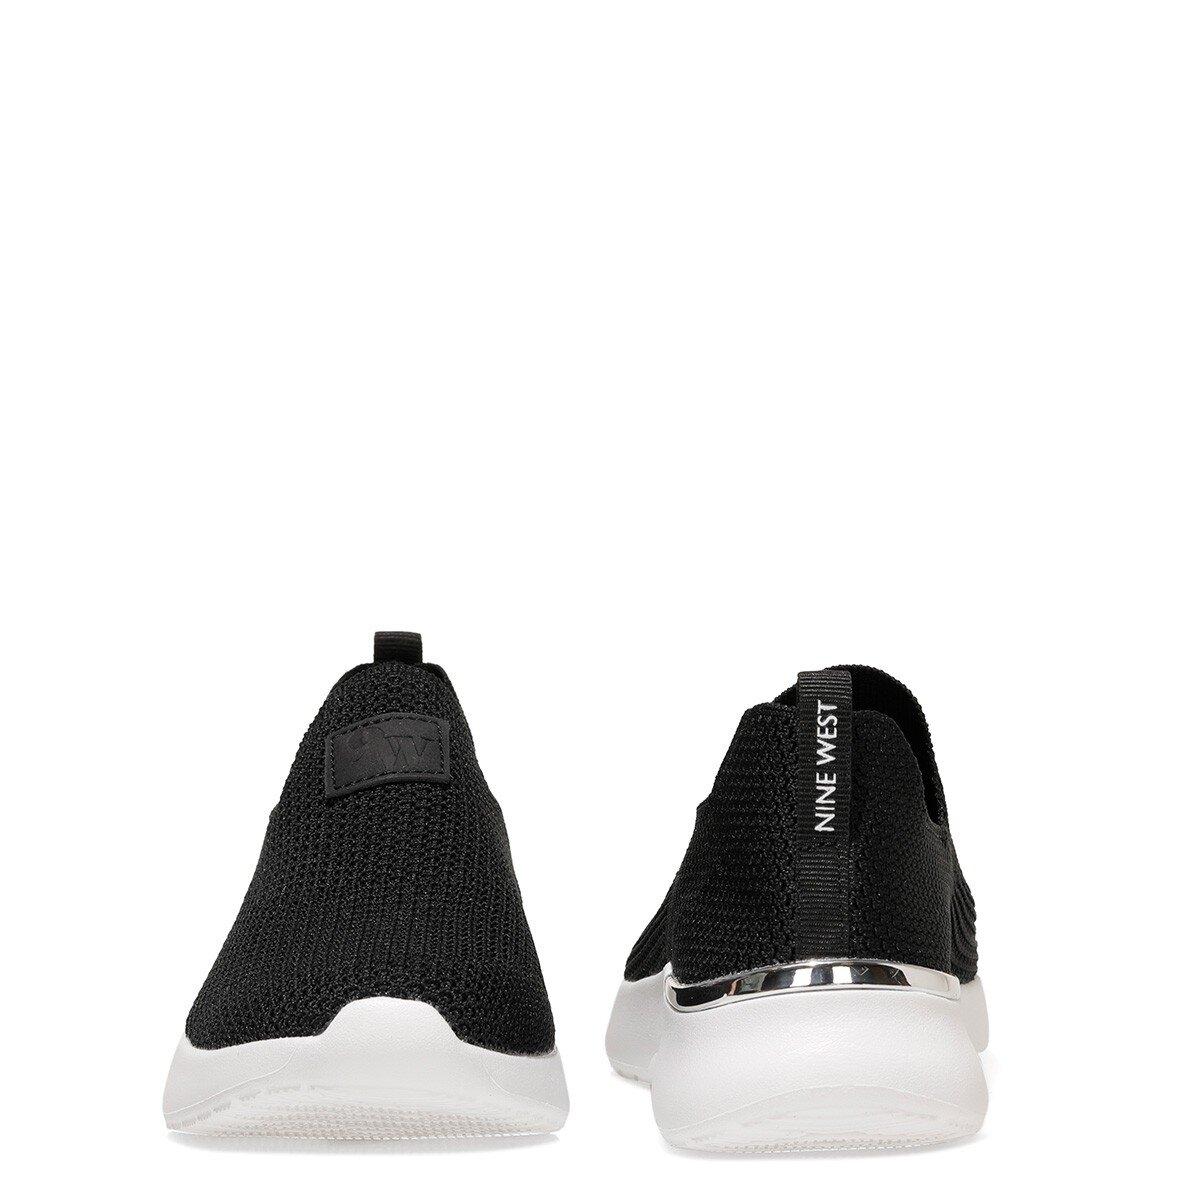 RENEE2 1FX Siyah Kadın Slip On Ayakkabı